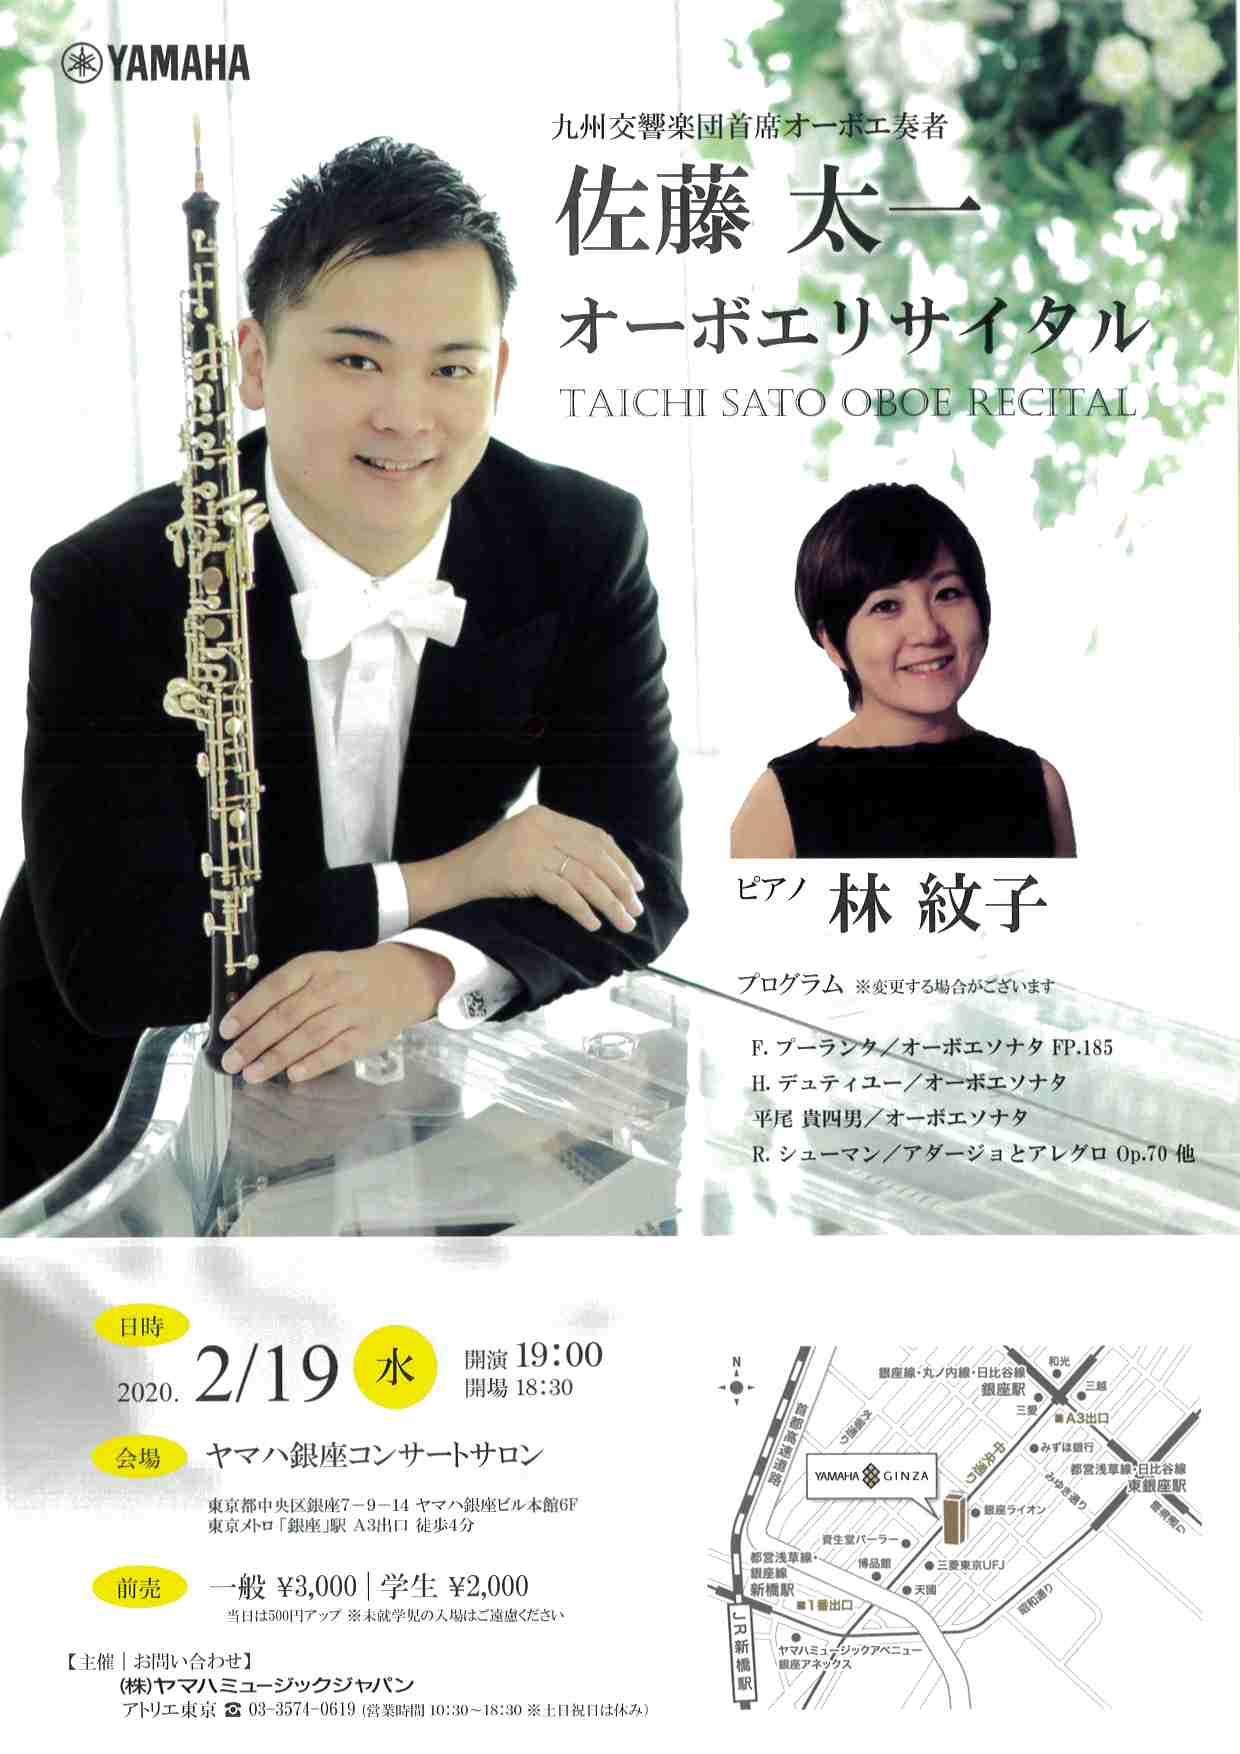 九州交響楽団首席オーボエ奏者 佐藤太一 オーボエリサイタル